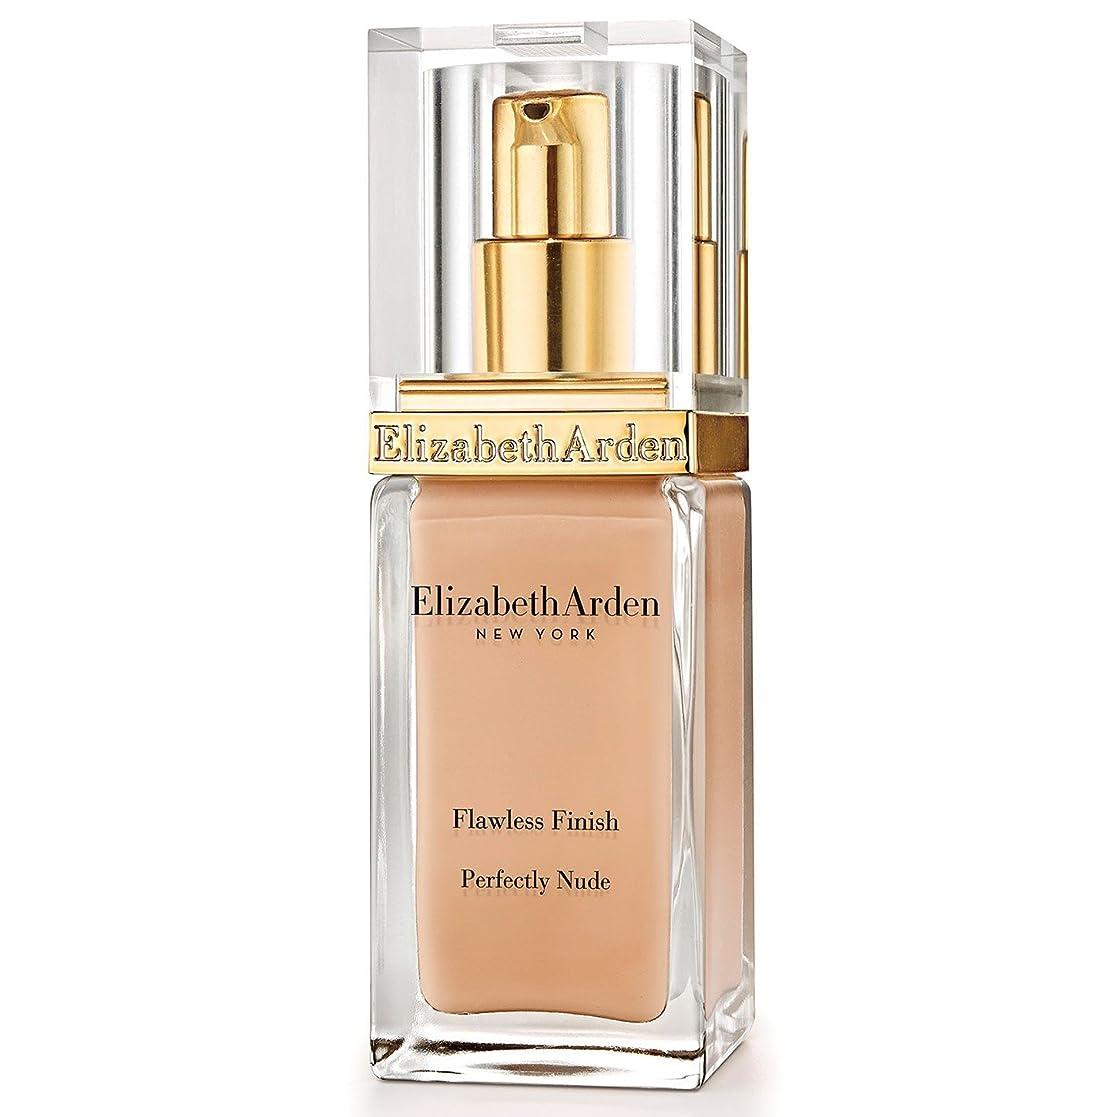 留まるこどもセンター帳面エリザベスアーデン完璧な仕上がり完璧ヌードファンデーション 15 x2 - Elizabeth Arden Flawless Finish Perfectly Nude Foundation SPF 15 Sunbeige (Pack of 2) [並行輸入品]